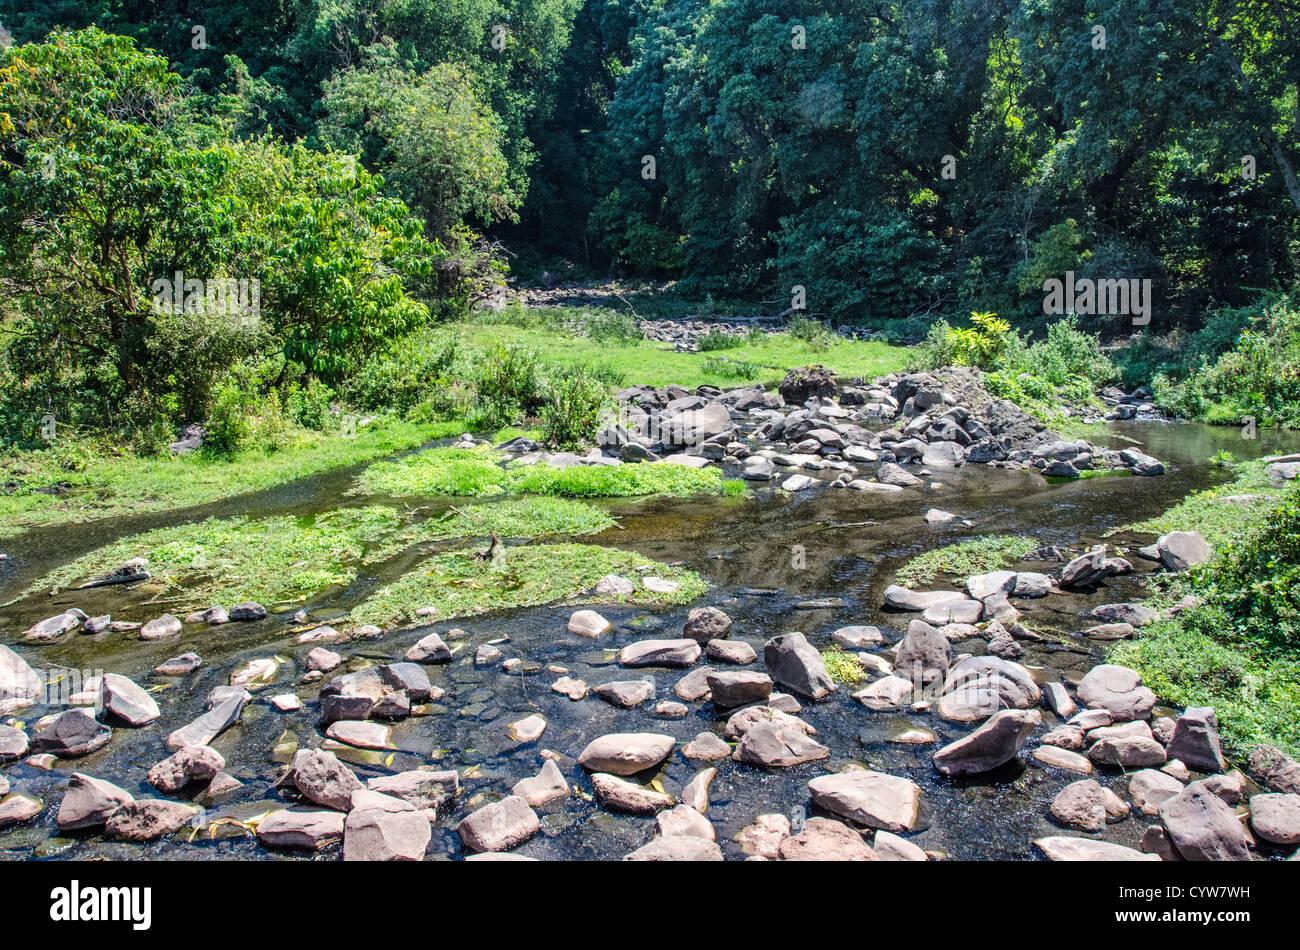 LAKE MANYARA NATIONAL PARK, Tanzania - A creek at Lake Manyara National Park in northern Tanzania. - Stock Image